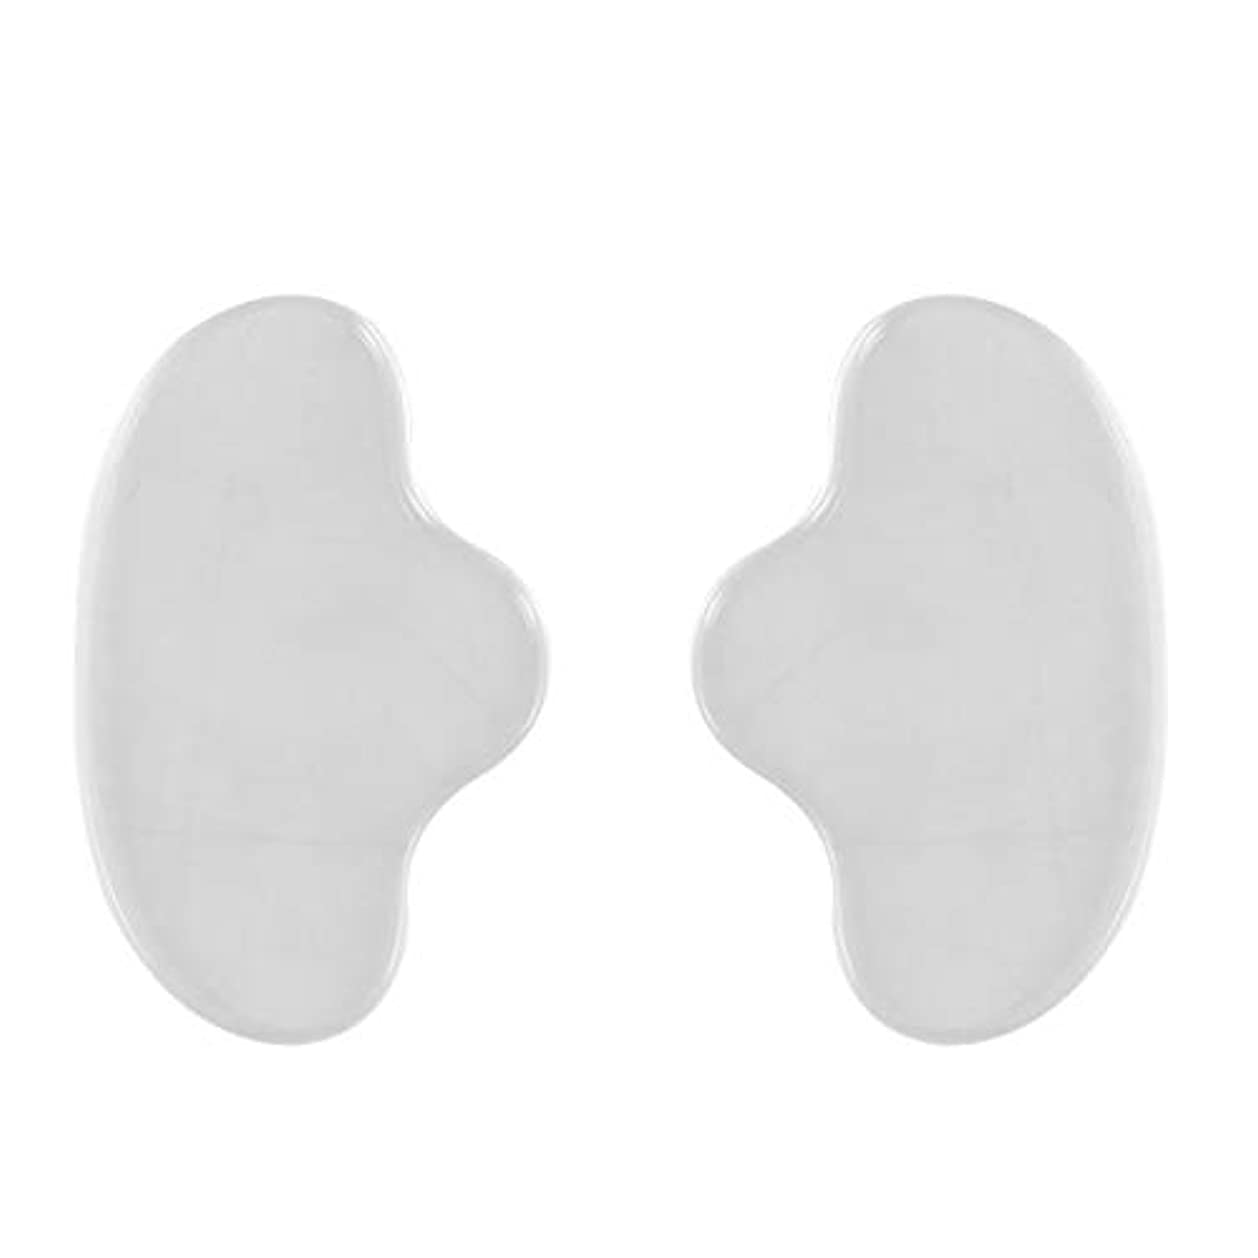 期限基礎理論自伝Healiftyシリコンフェイシャルチンマスクフェイスパッドシワ防止リムーバーパッチ再利用可能な見えないパッド防止フェイスシワ2個